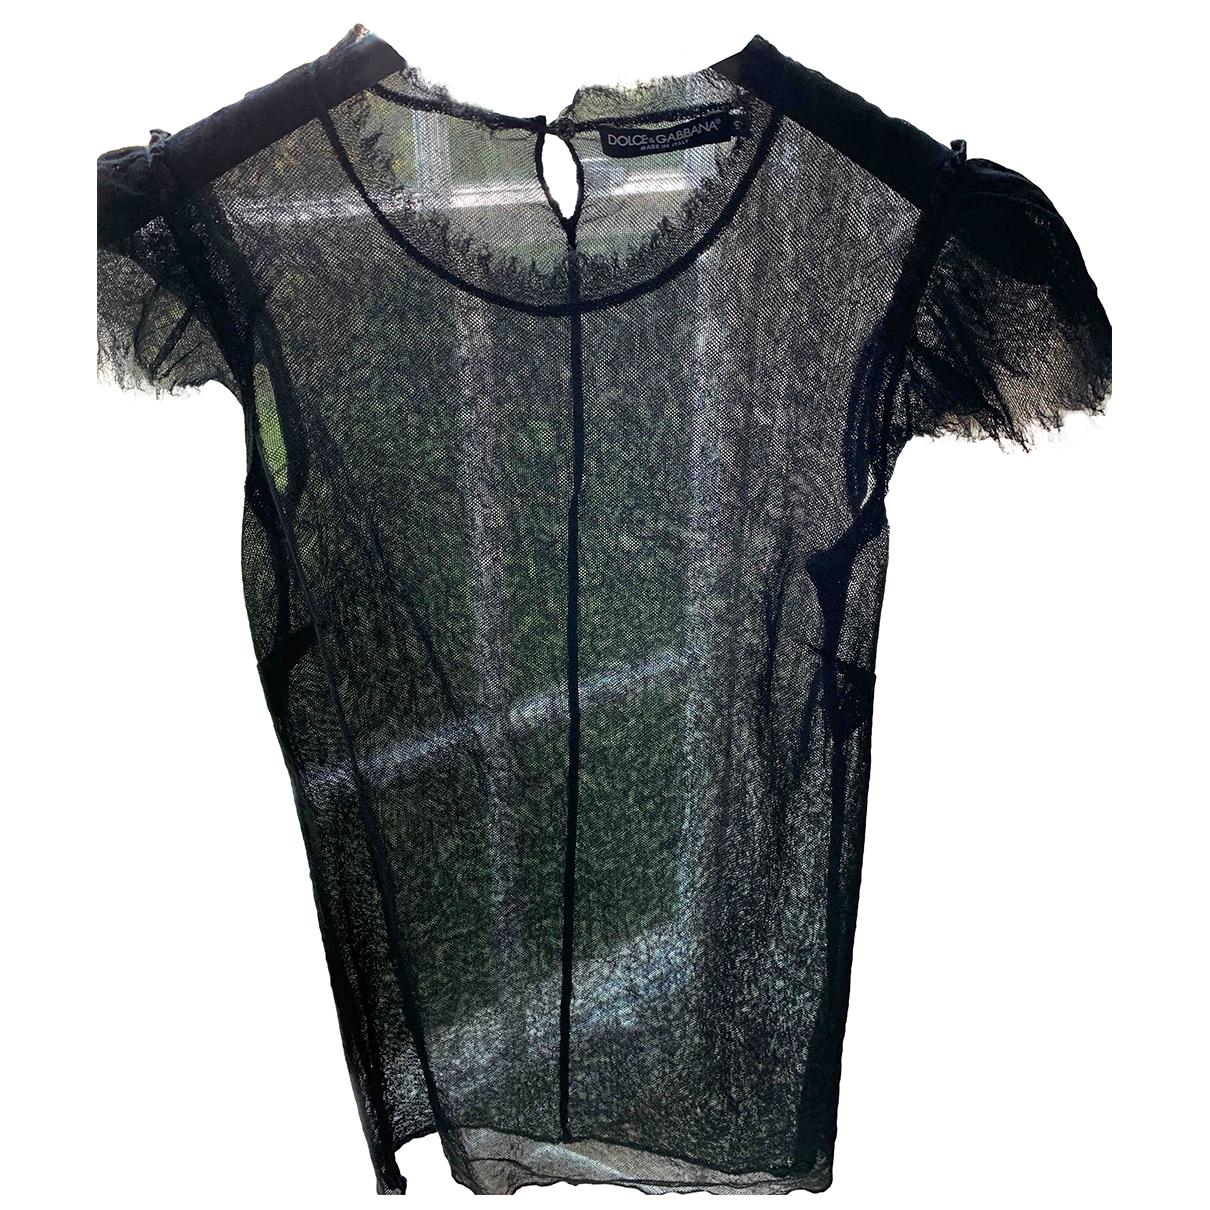 Dolce & Gabbana \N Black  top for Women 40 IT